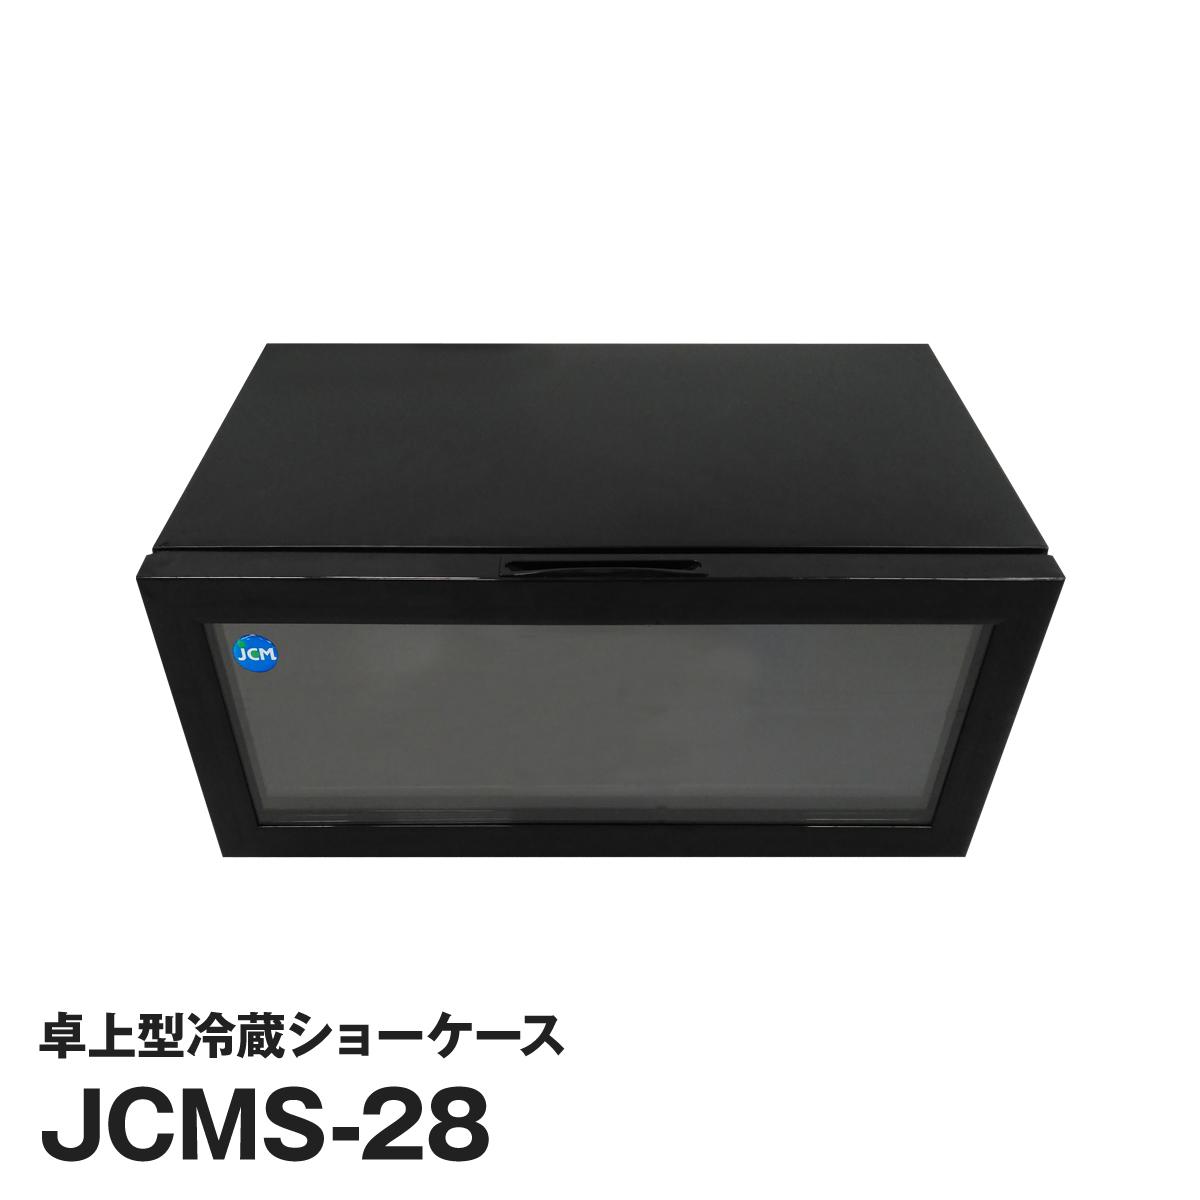 JCM社製 業務用 保冷庫 冷蔵庫 28L 卓上 冷蔵 ショーケース JCMS-28 新品